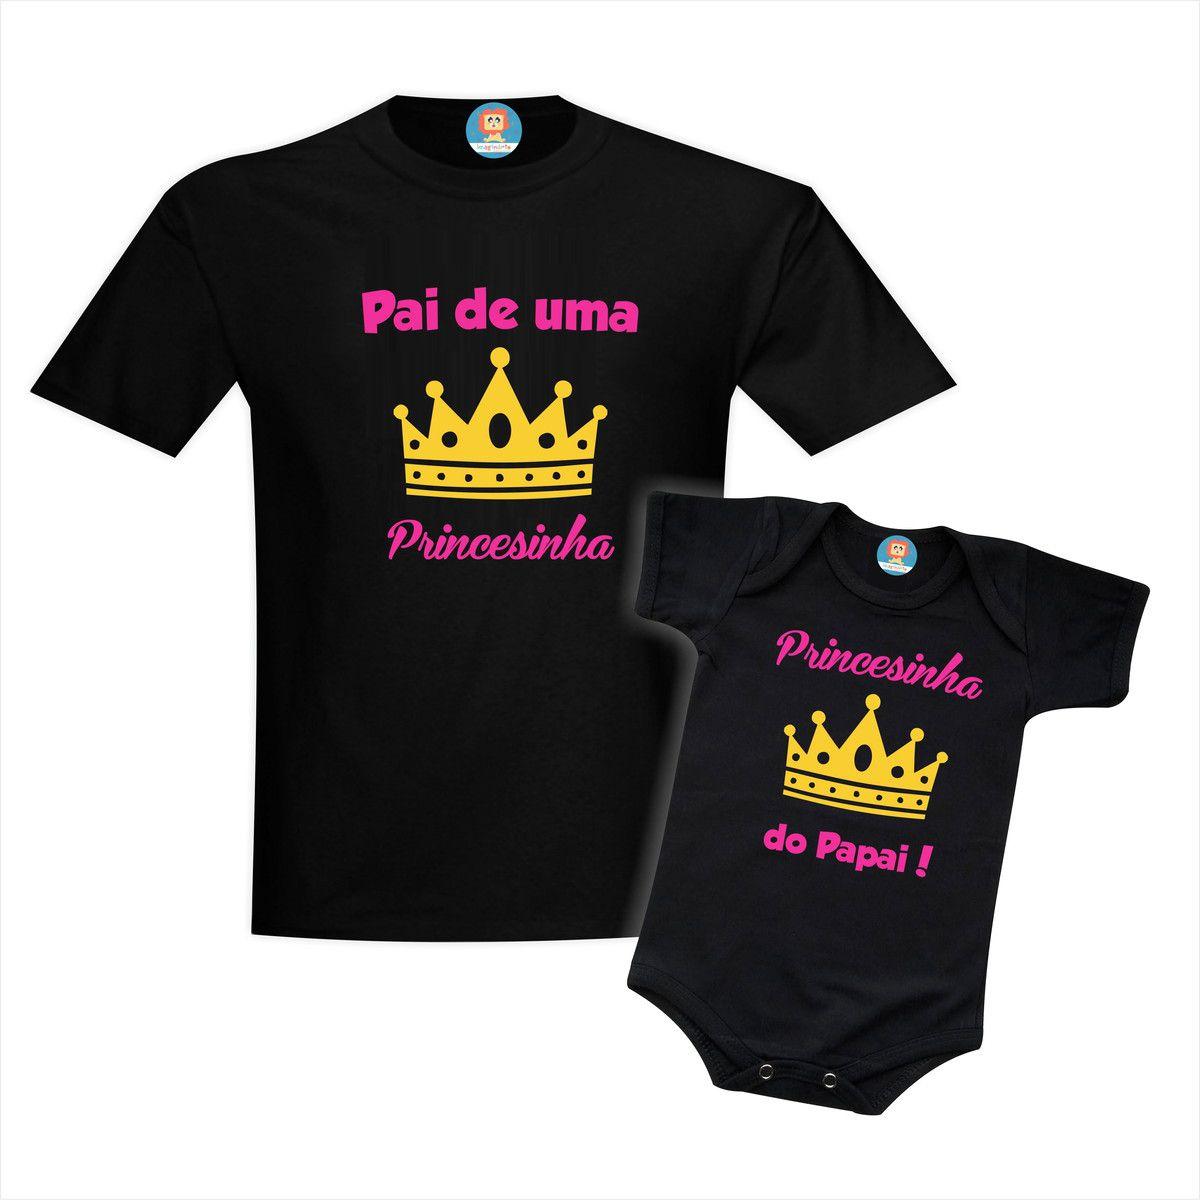 Kit Camiseta e Body Princesinha do Papai